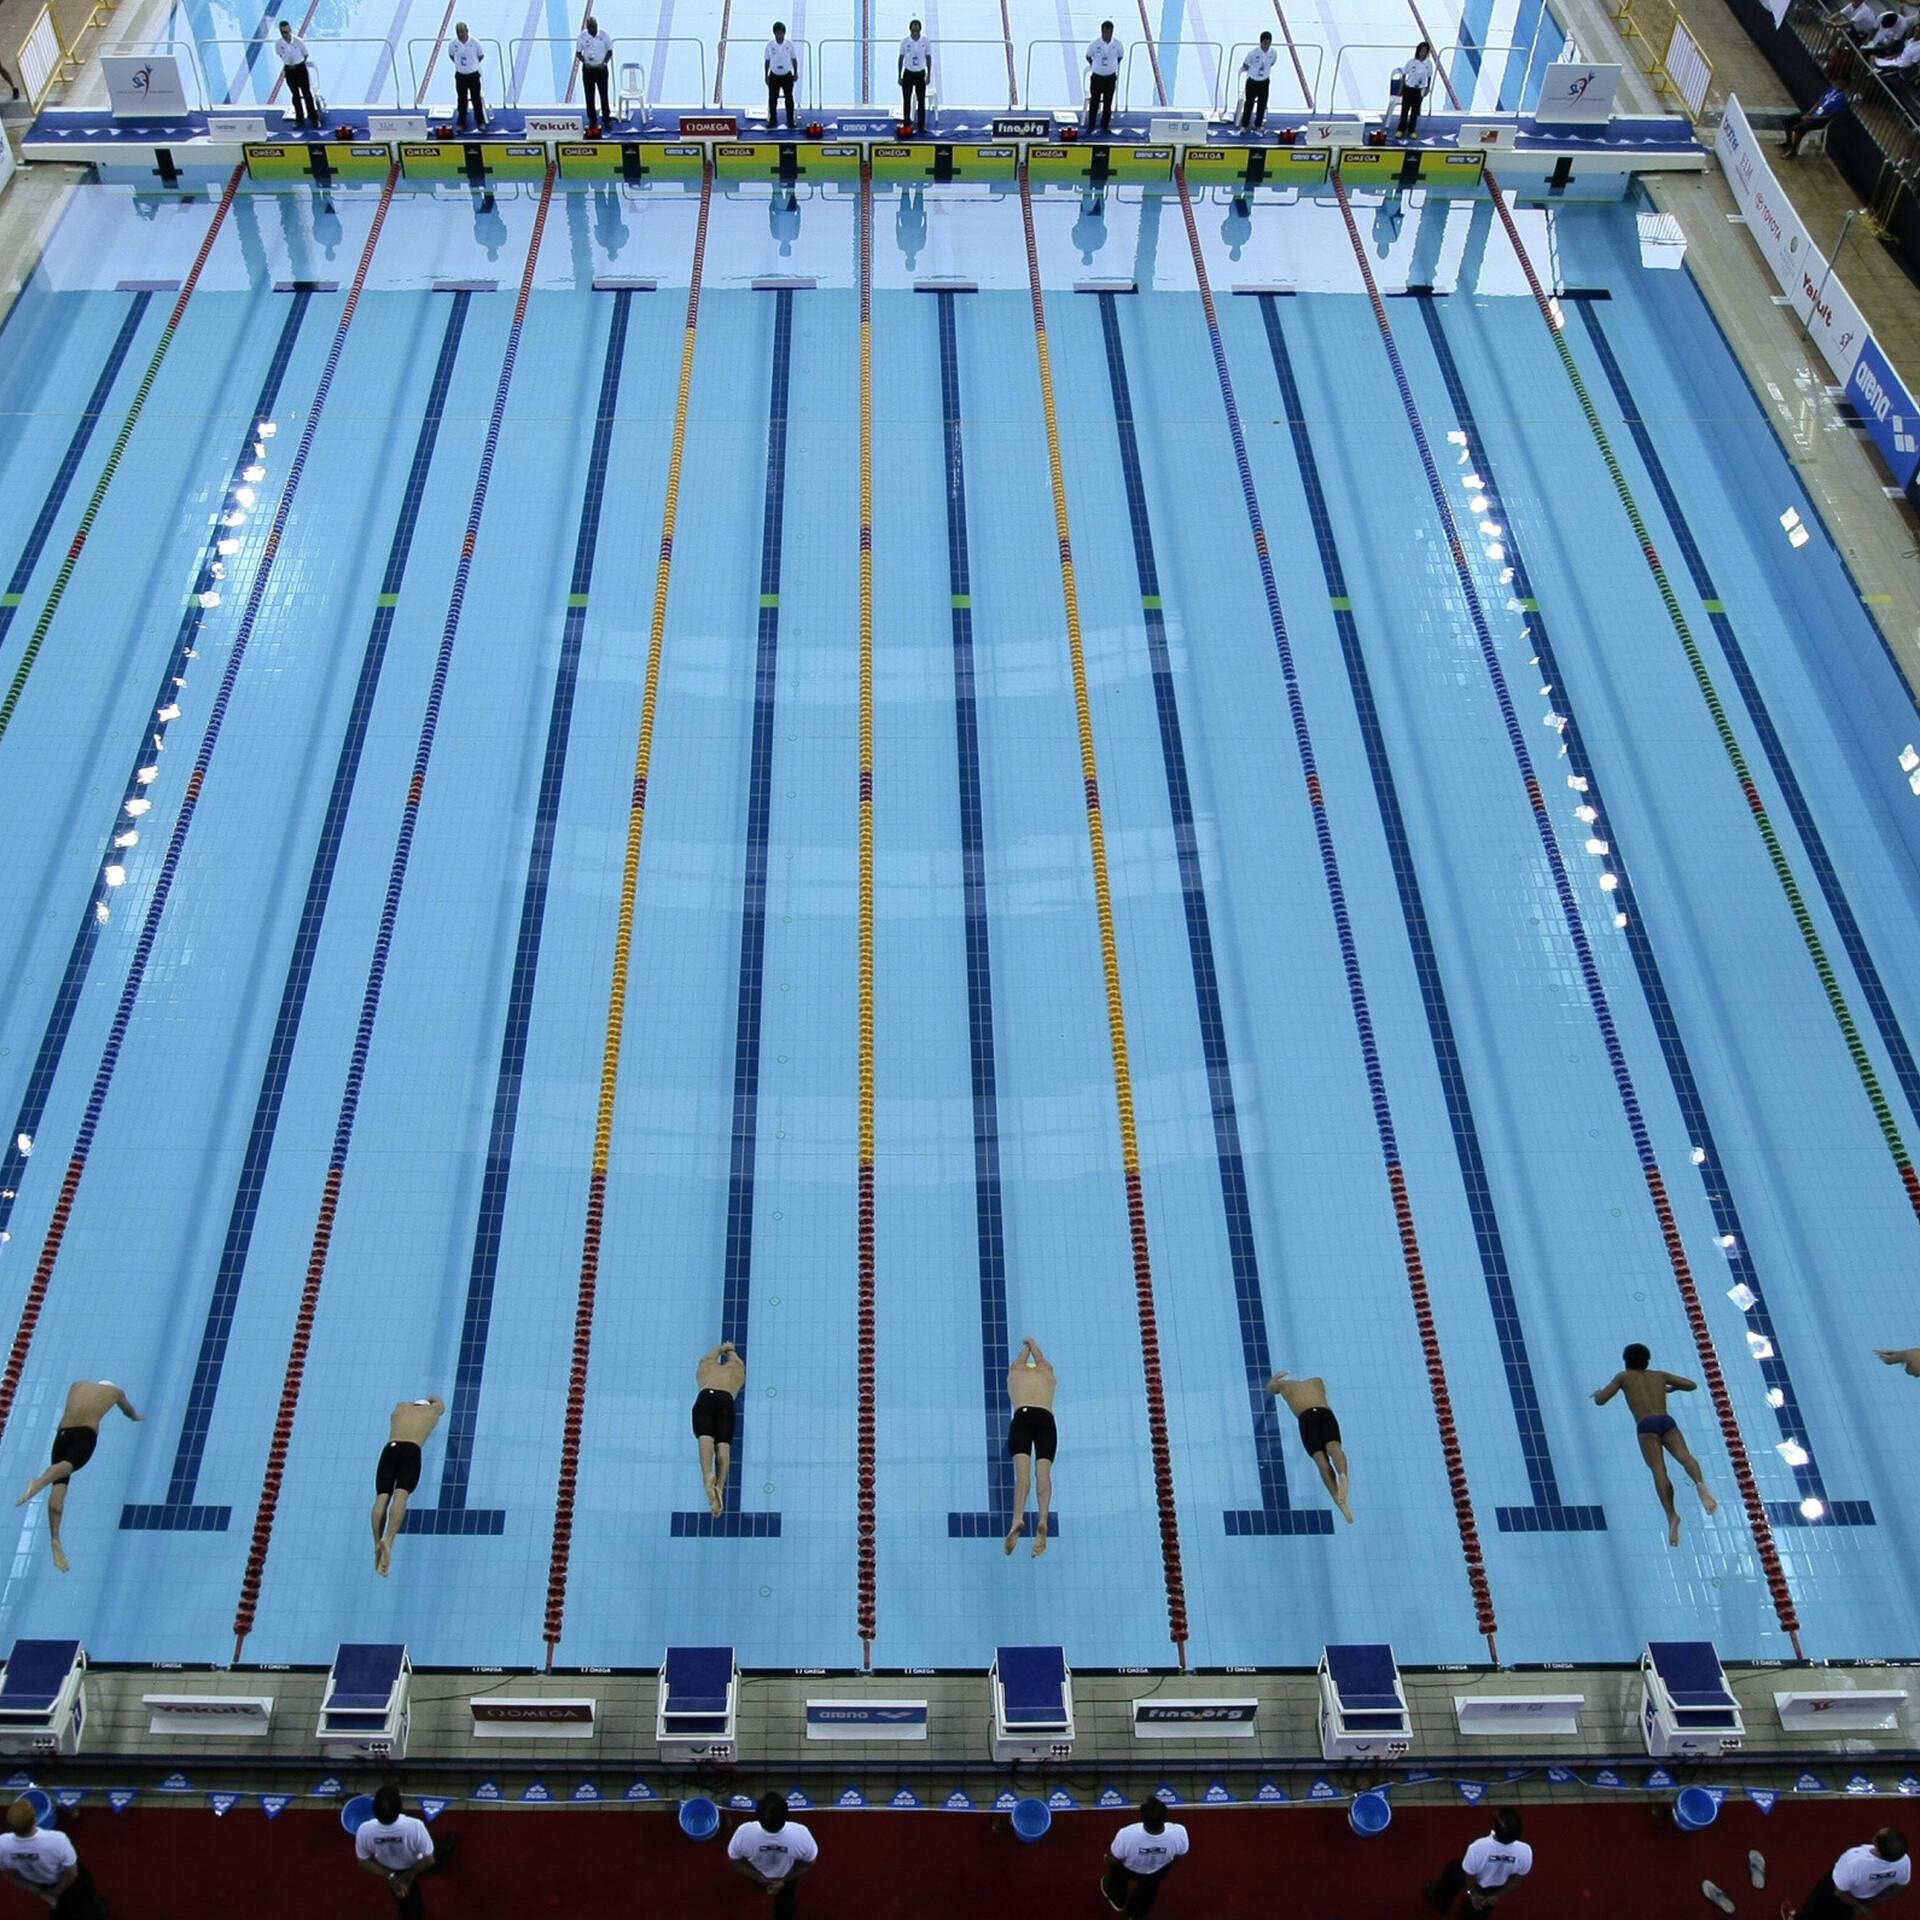 07afac1486e Ujumise arendamiseks vajab Eesti vähemalt kaht 50 meetri sportujulat |  Ujumine | ERR